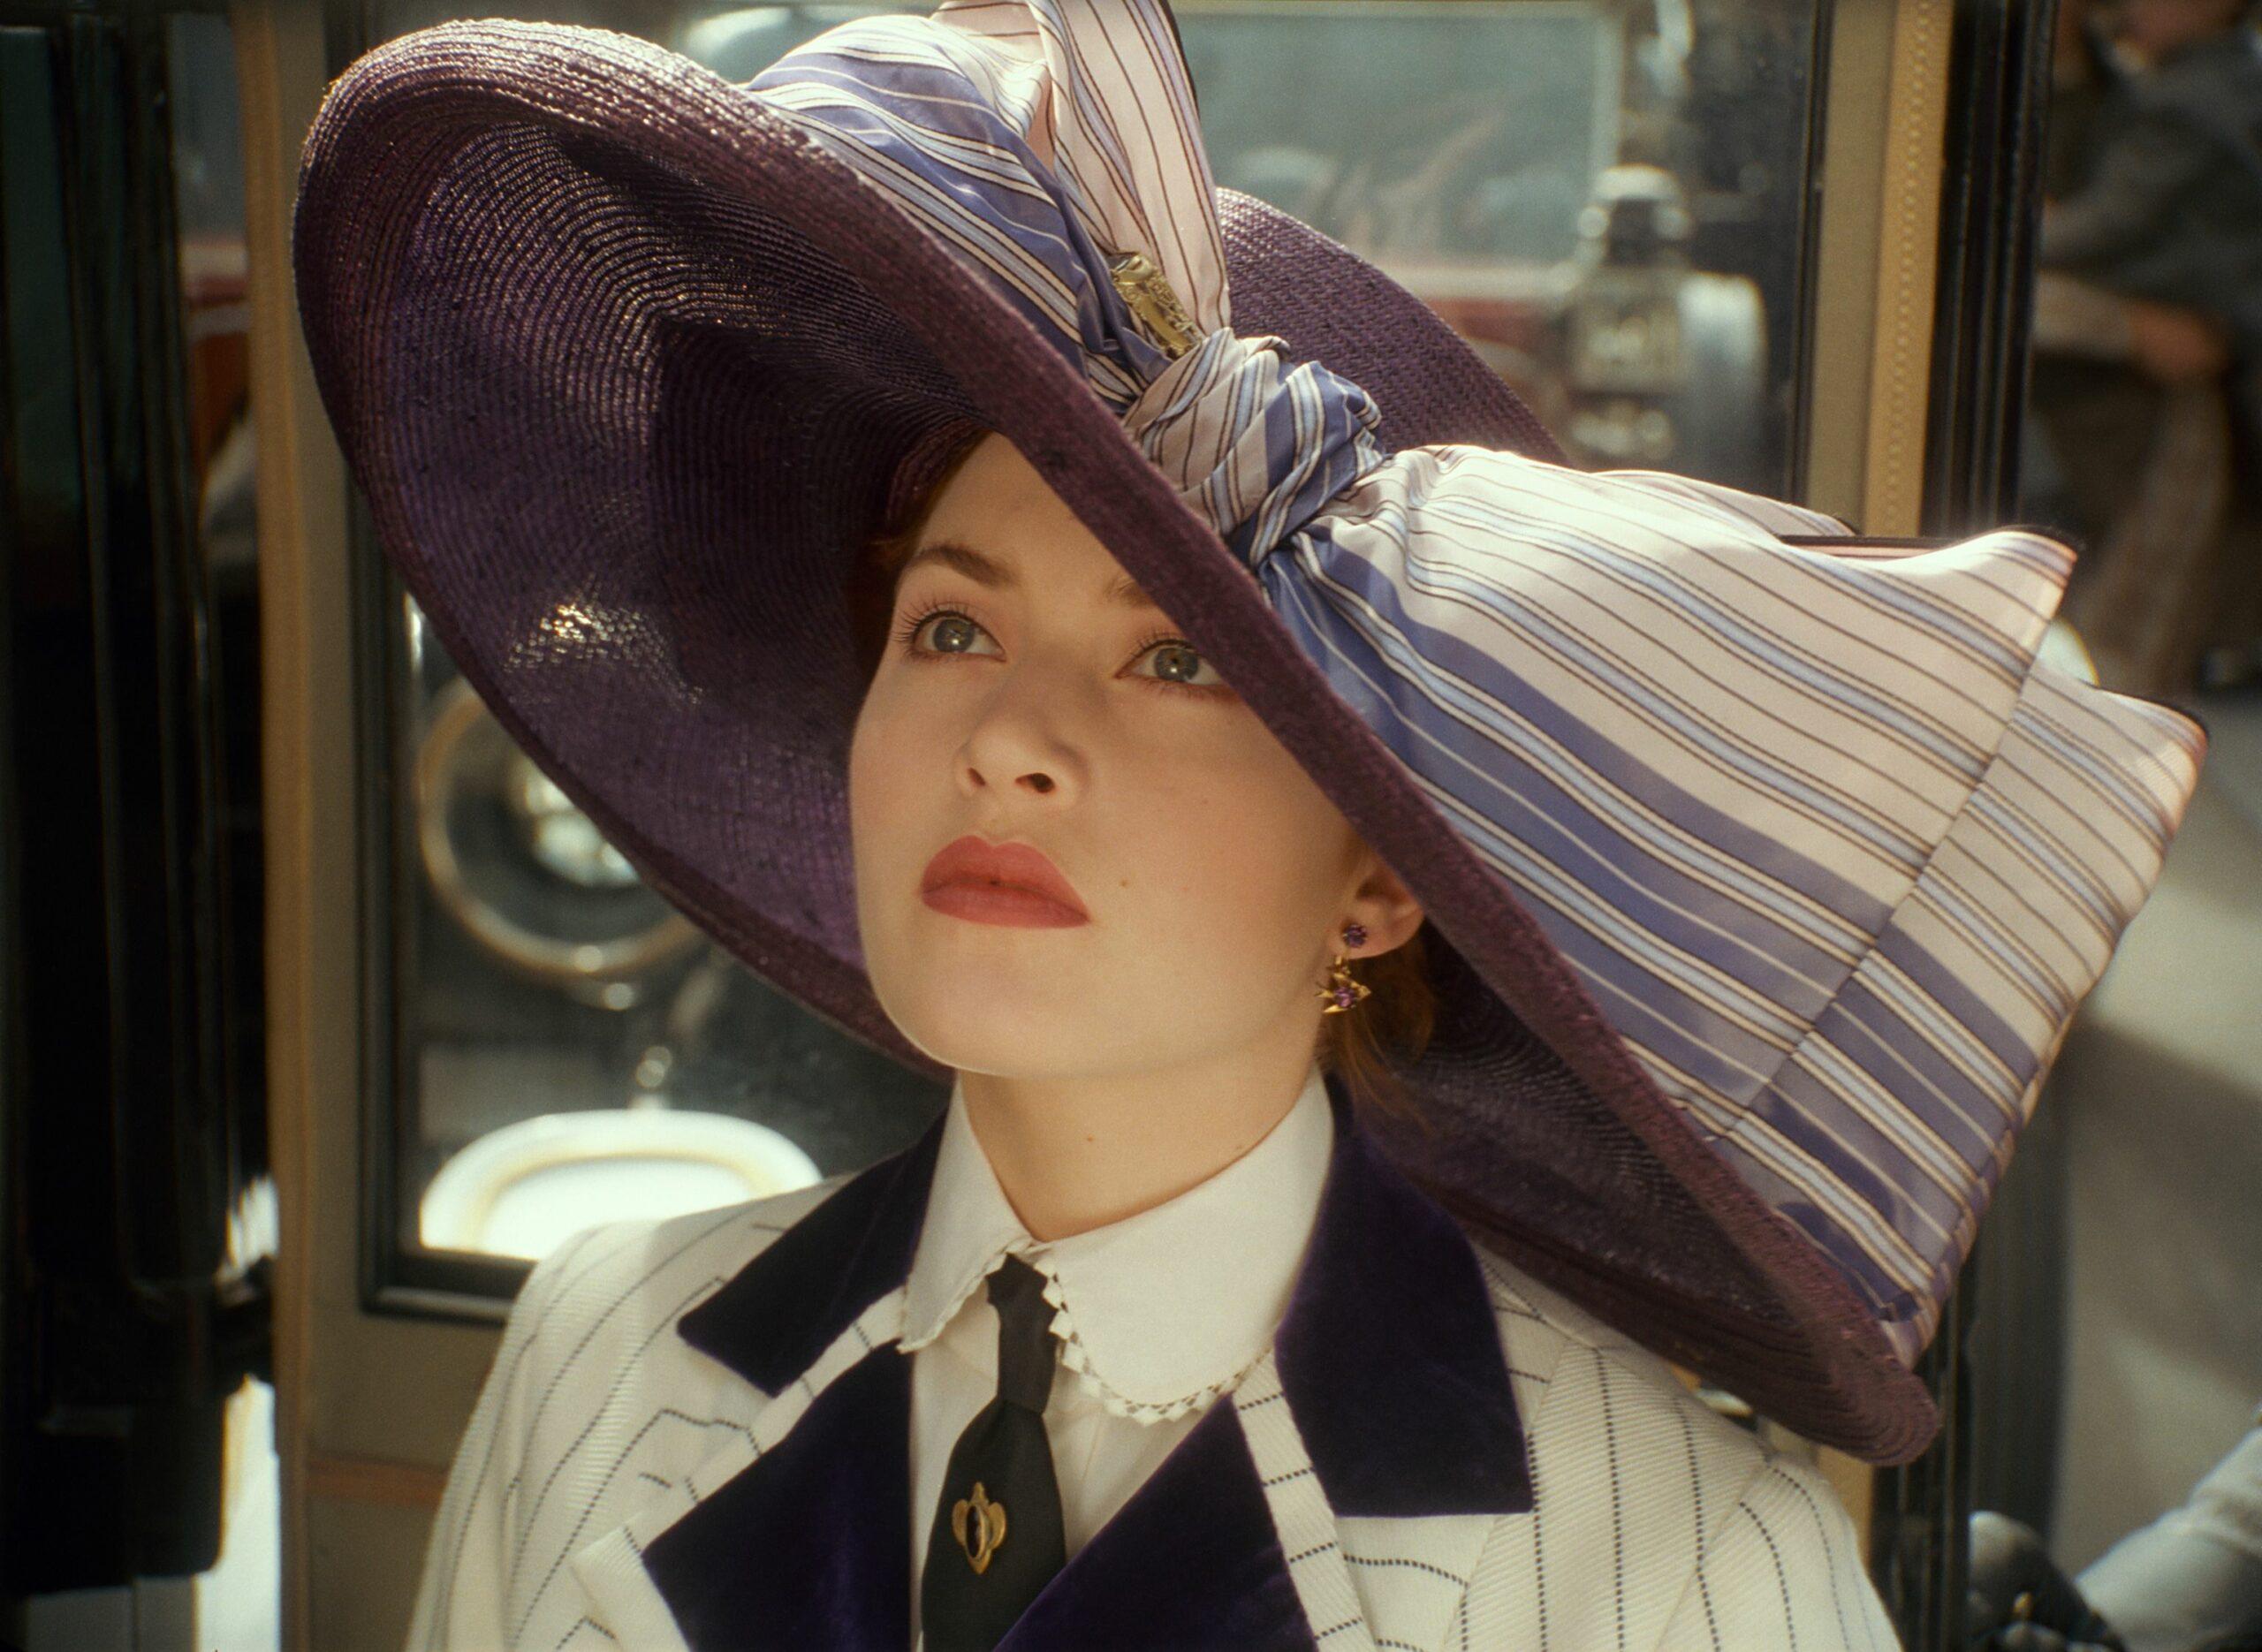 Kate Winslet poartă o pălărie mov cu o fundă mare într-o scenă din Titanic